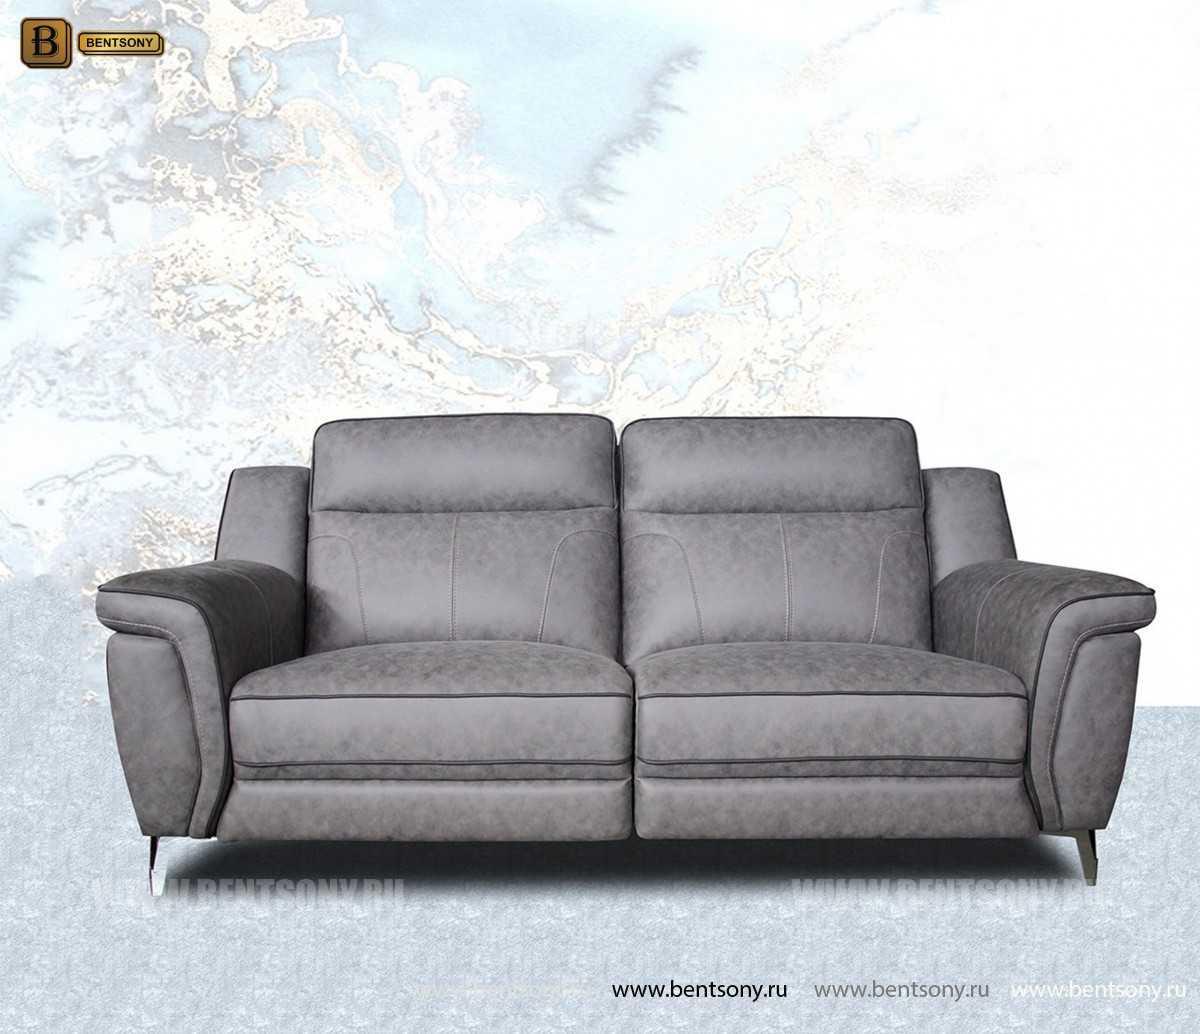 Диван Камило (Электрические реклайнеры, Ткань) каталог мебели с ценами